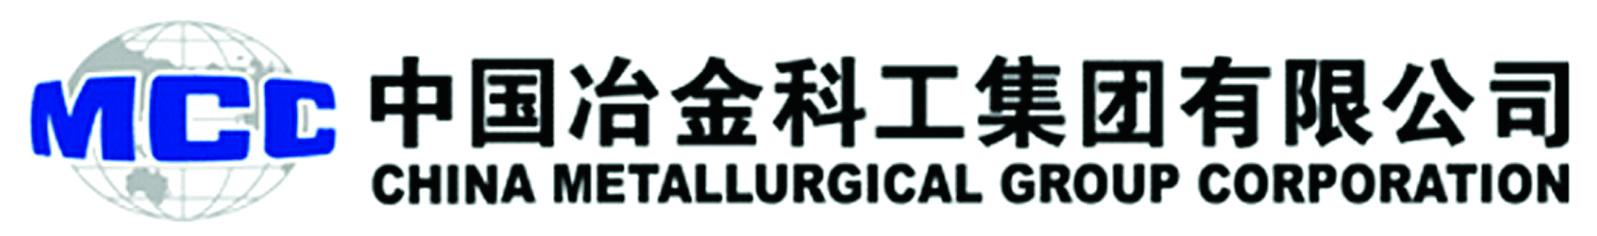 中国冶金〖工科集团有限公司